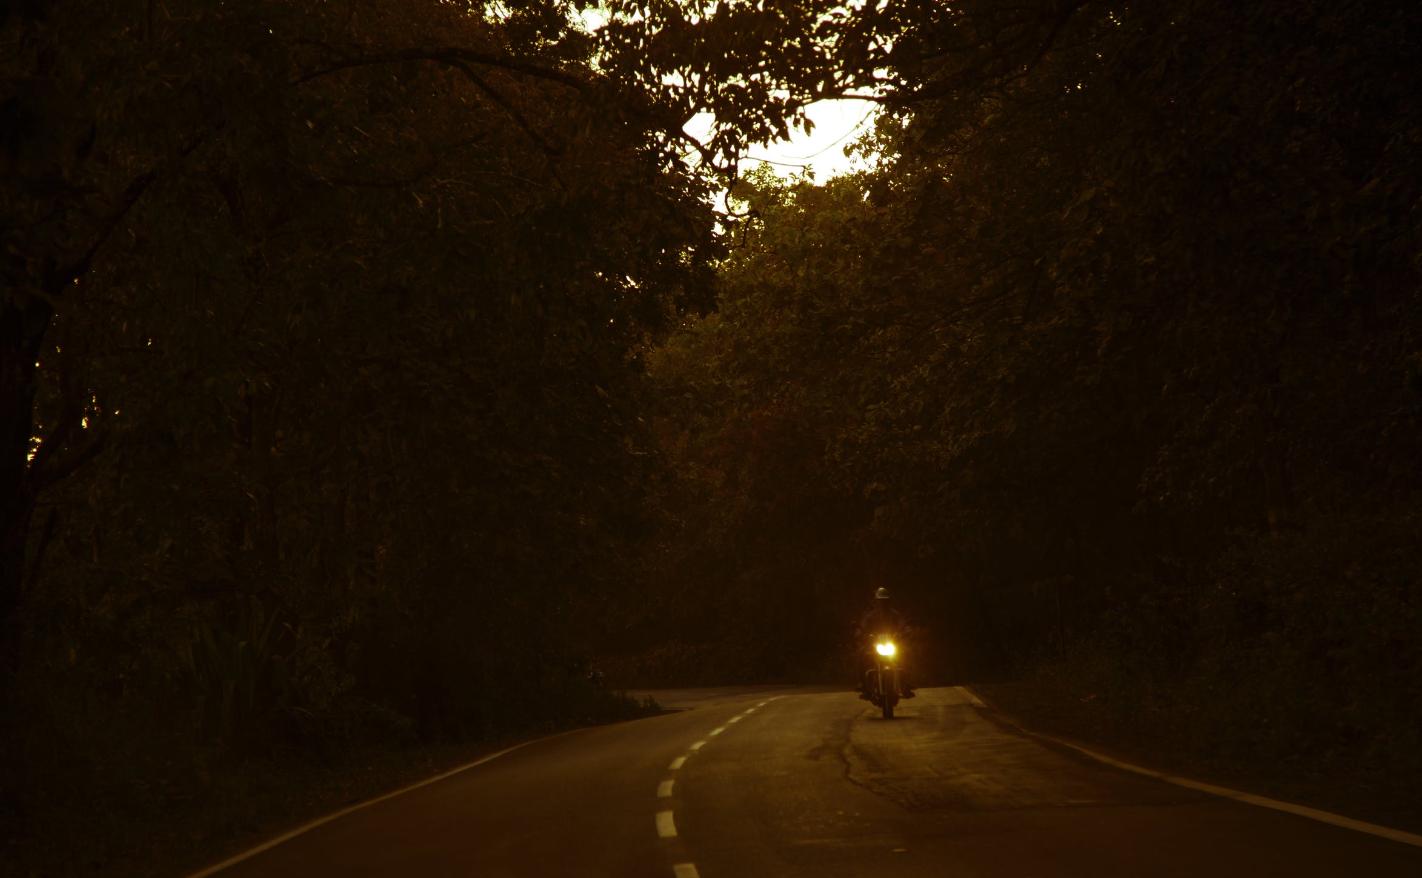 motocyklista na krętej leśnej drodze o zmierzchu